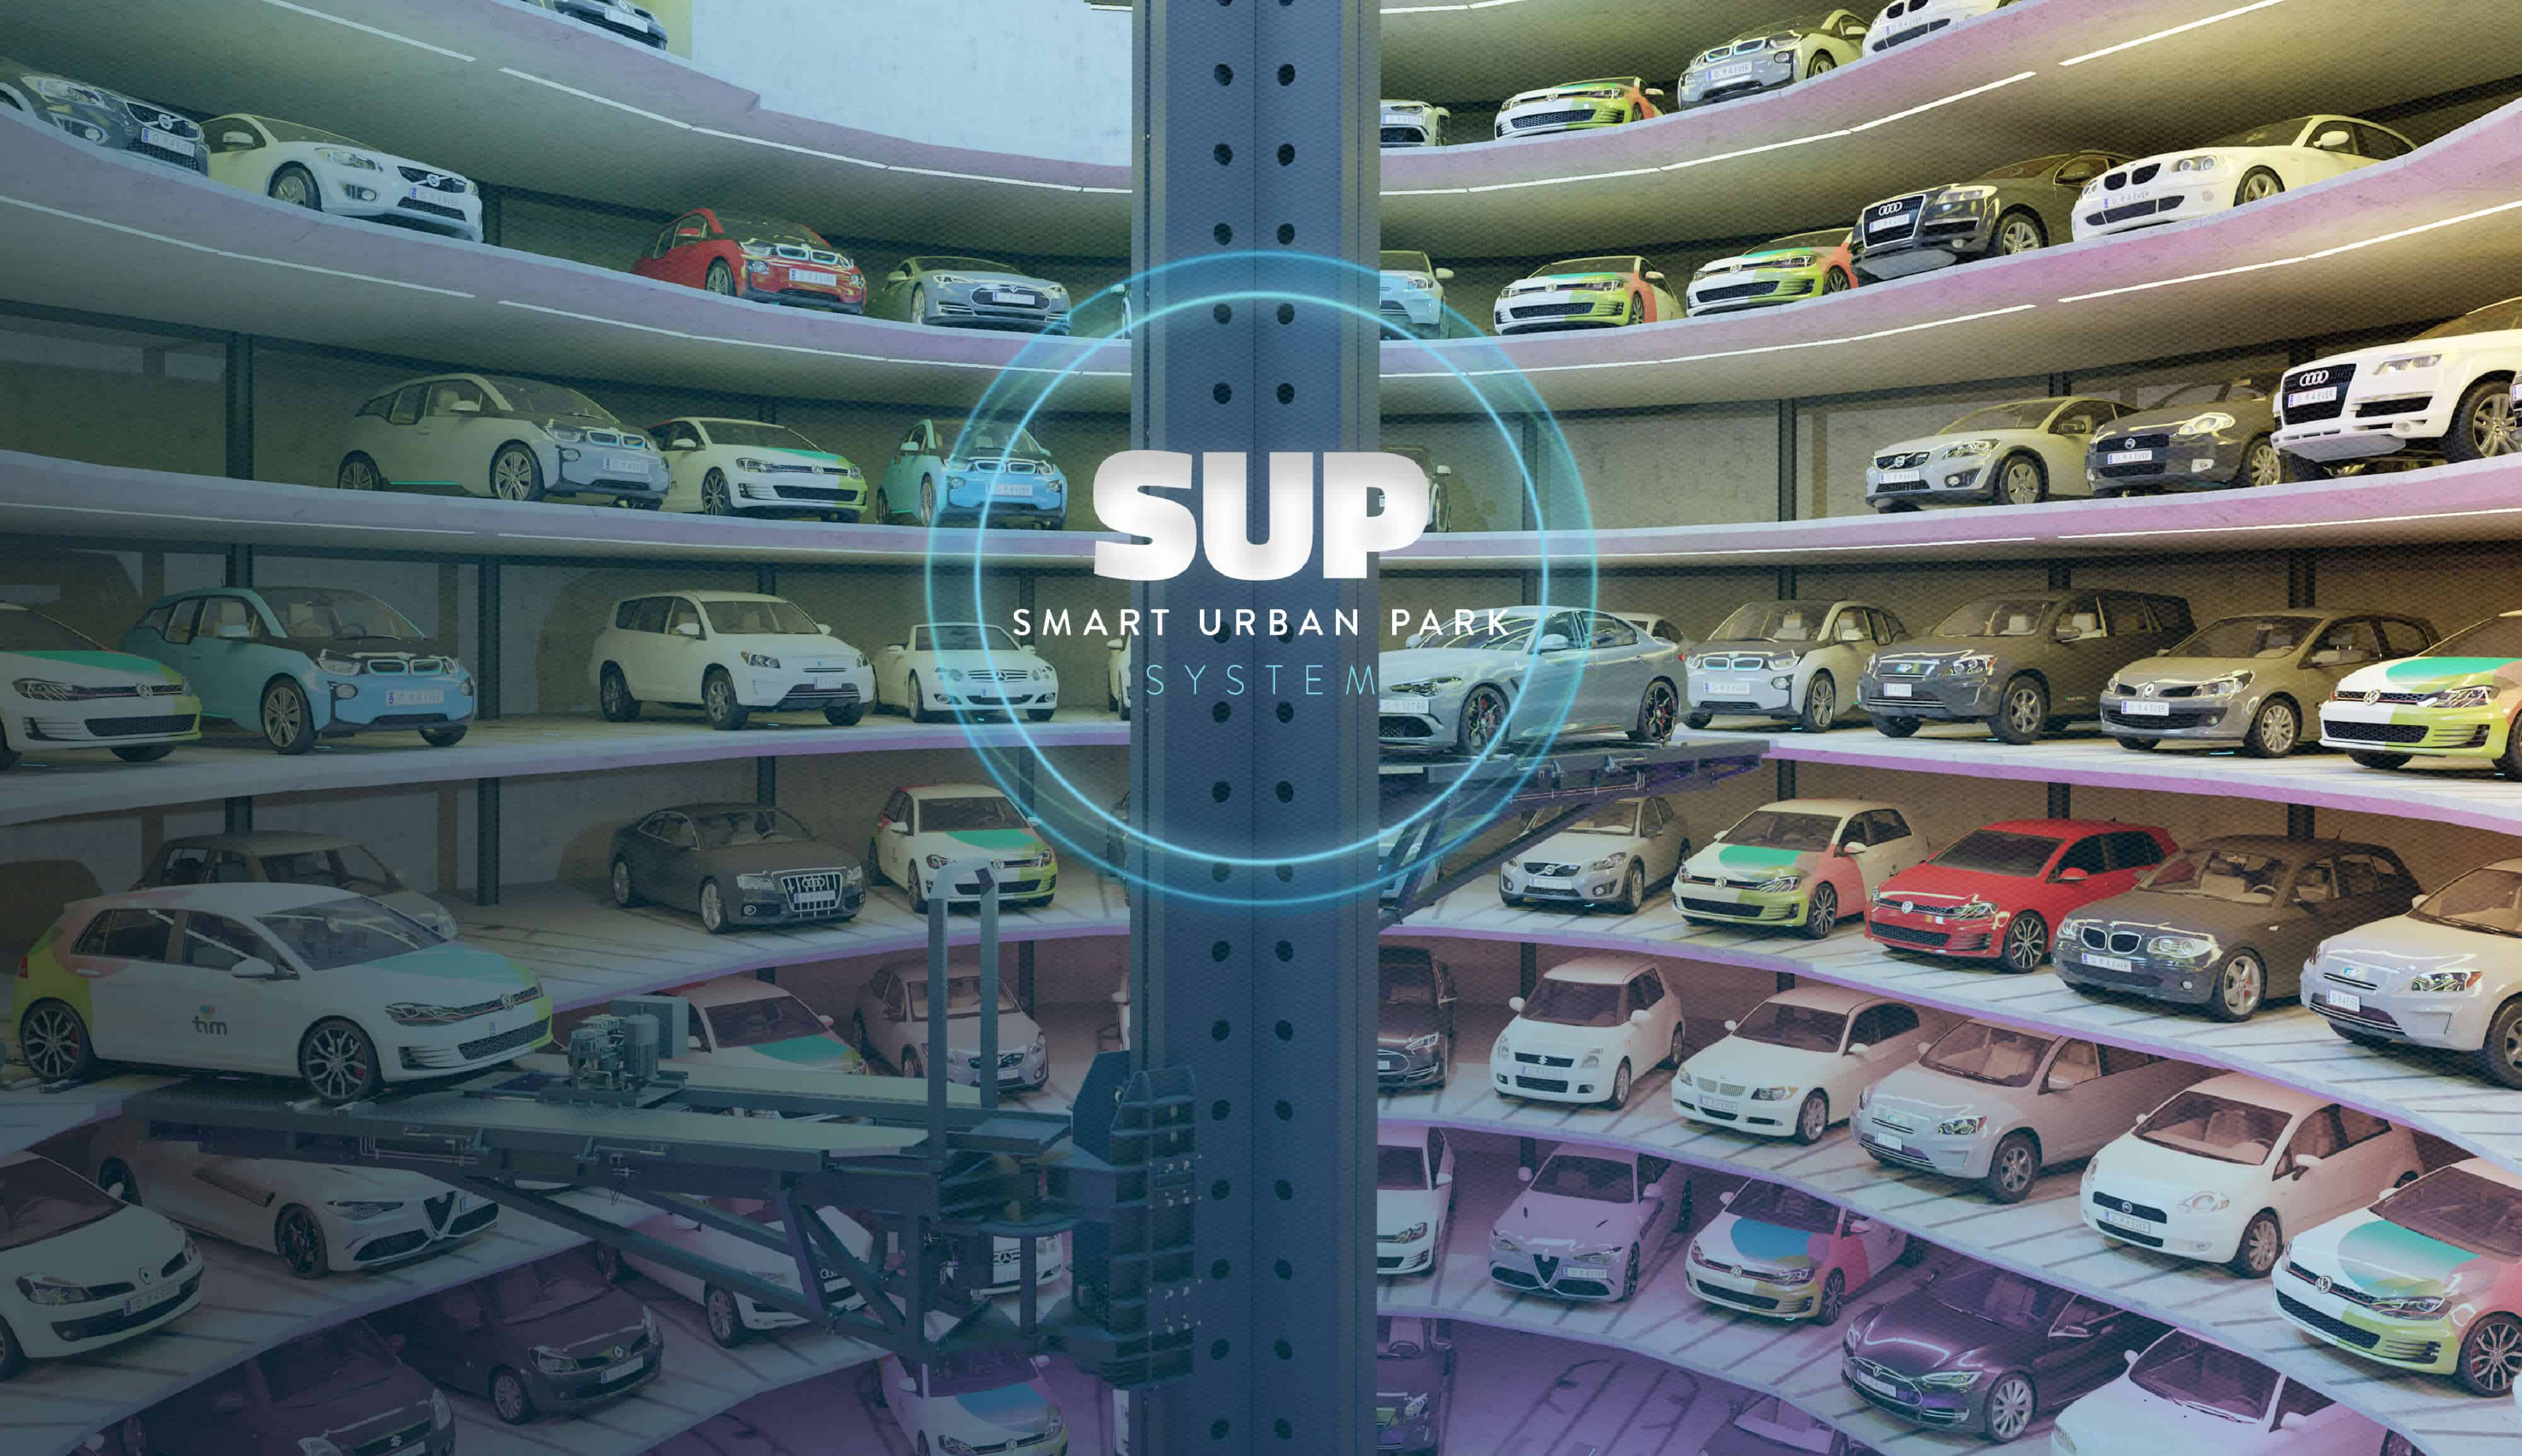 SUP_Aufbereitung_01